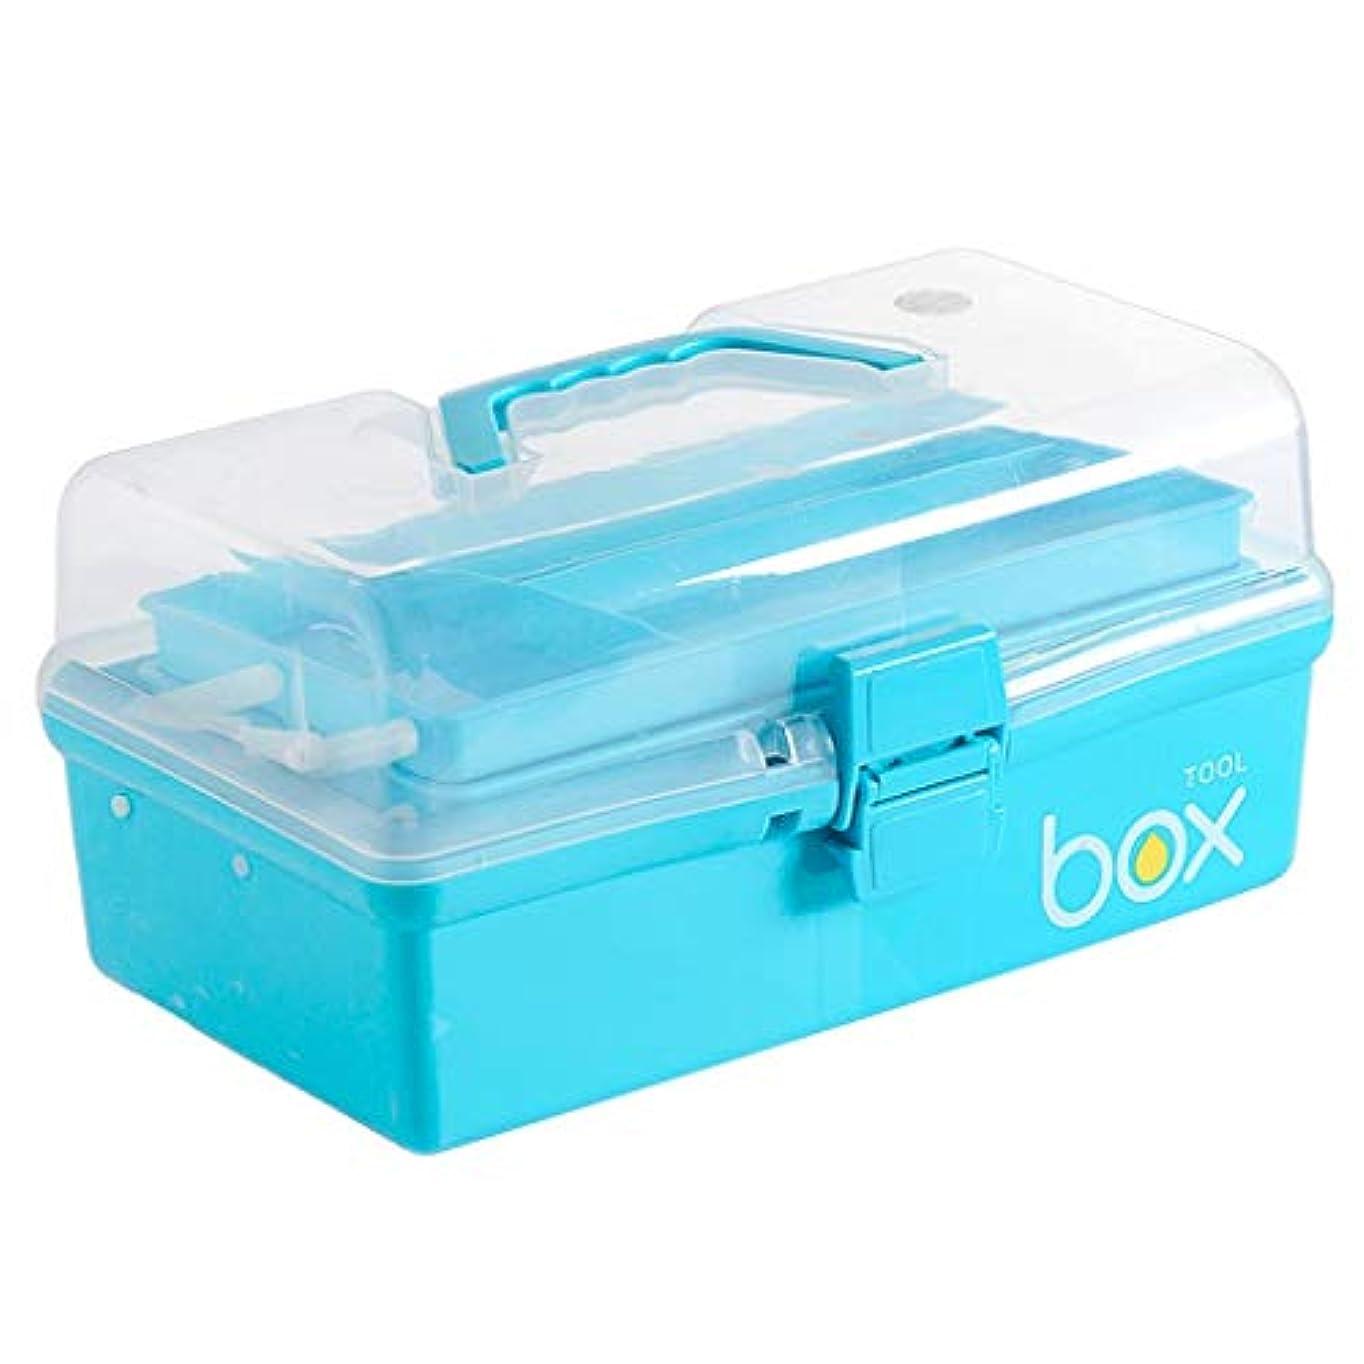 タヒチラッドヤードキップリングコンパイルDjyyh 応急処置キット収納ボックス、家庭用ポータブルピル薬医療収納ボックスオーガナイザー、旅行、キャンプ、オフィス (色 : 青)